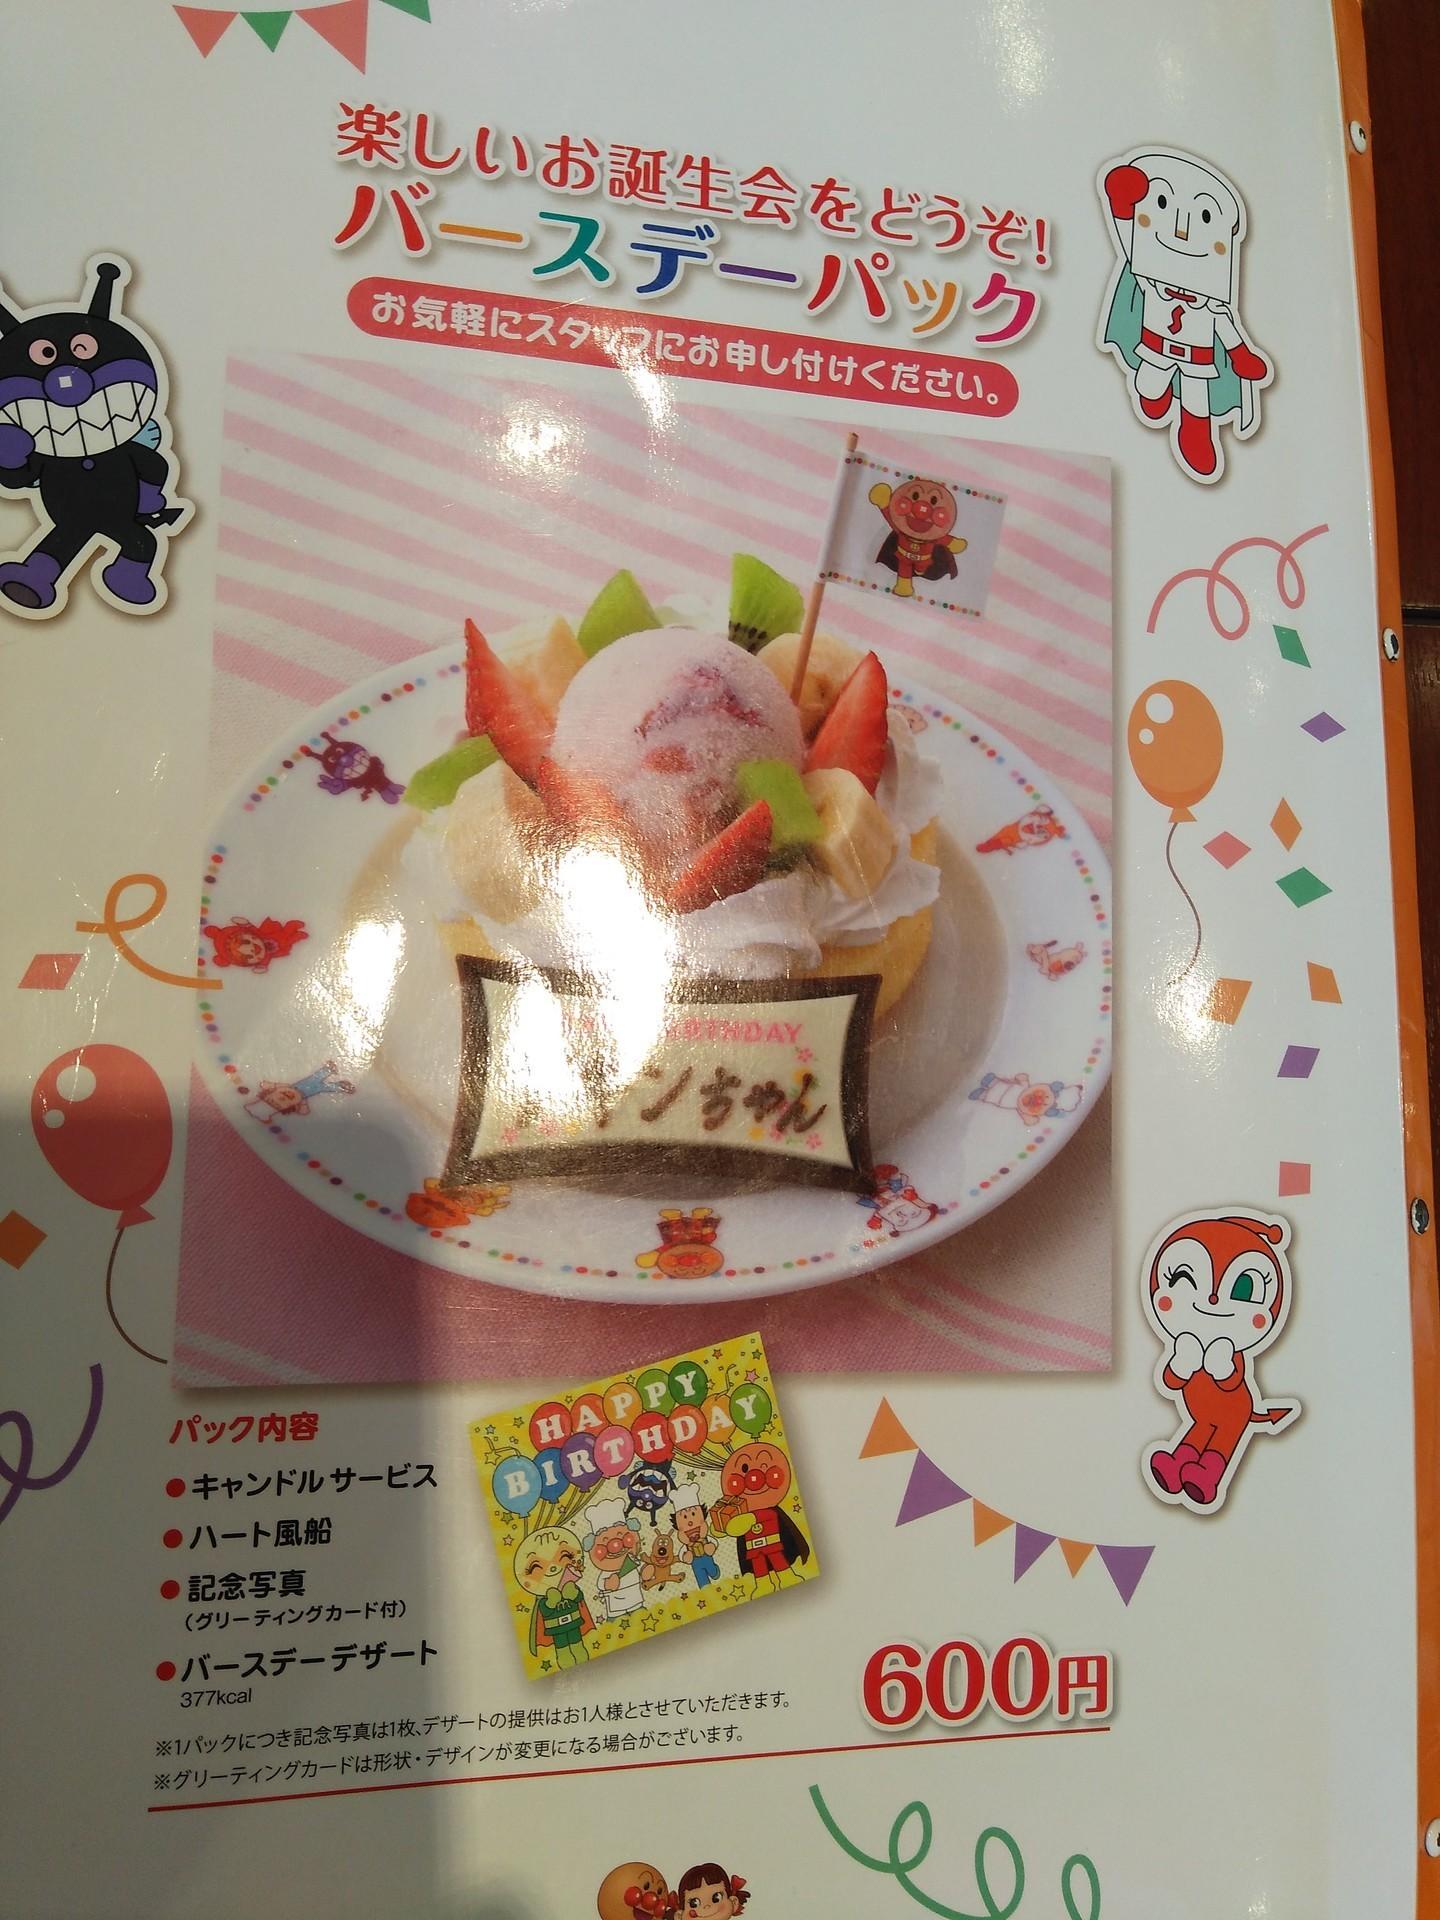 三歳息子の誕生日祝い 神戸アンパンマンこどもミュージアム モールへ